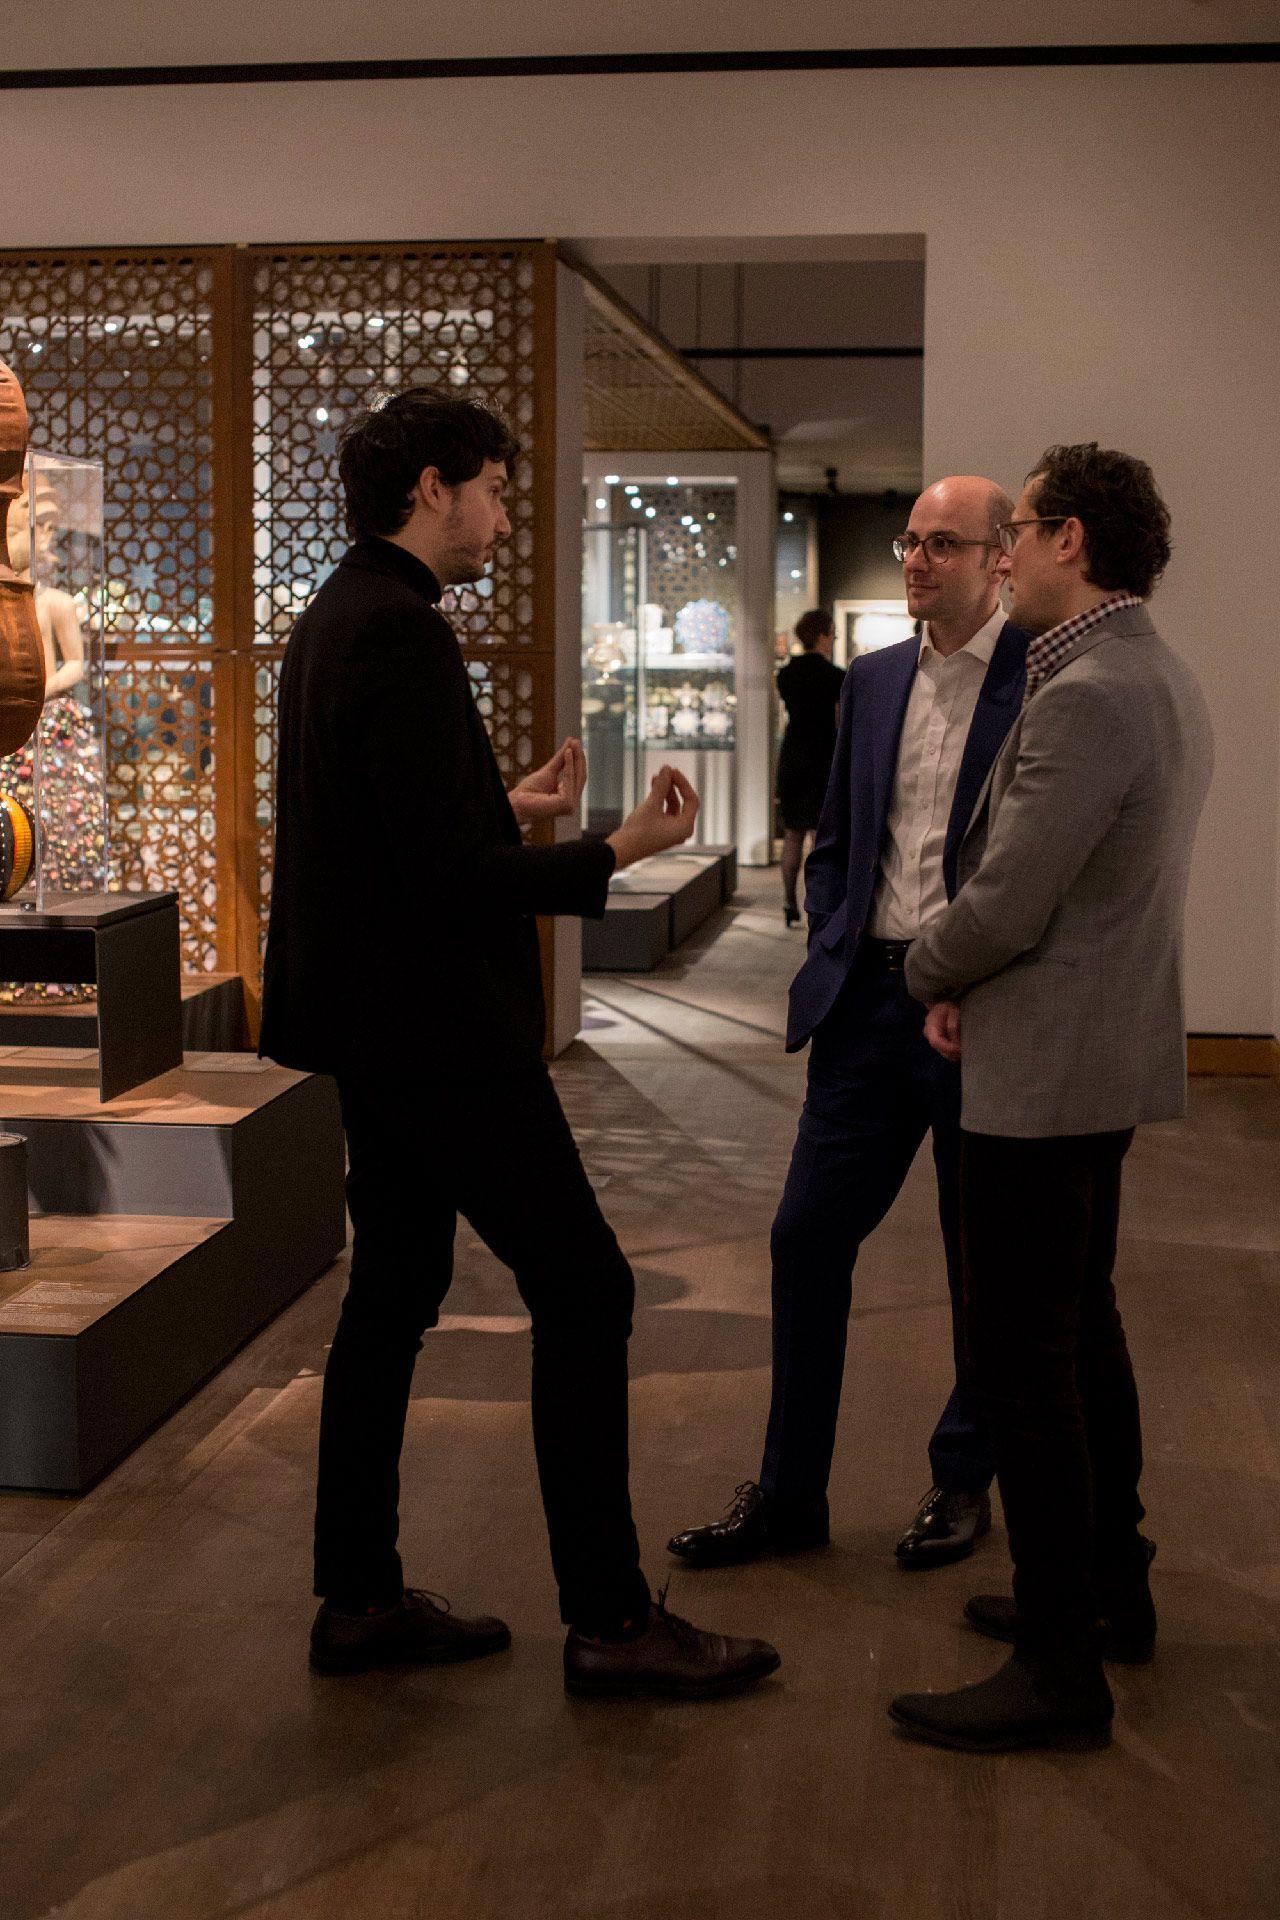 Membres du Cercle Ambassadeur du Musée des beaux-arts de Montréal lors d'un événement en novembre 2019. Photo © Sébastien Roy